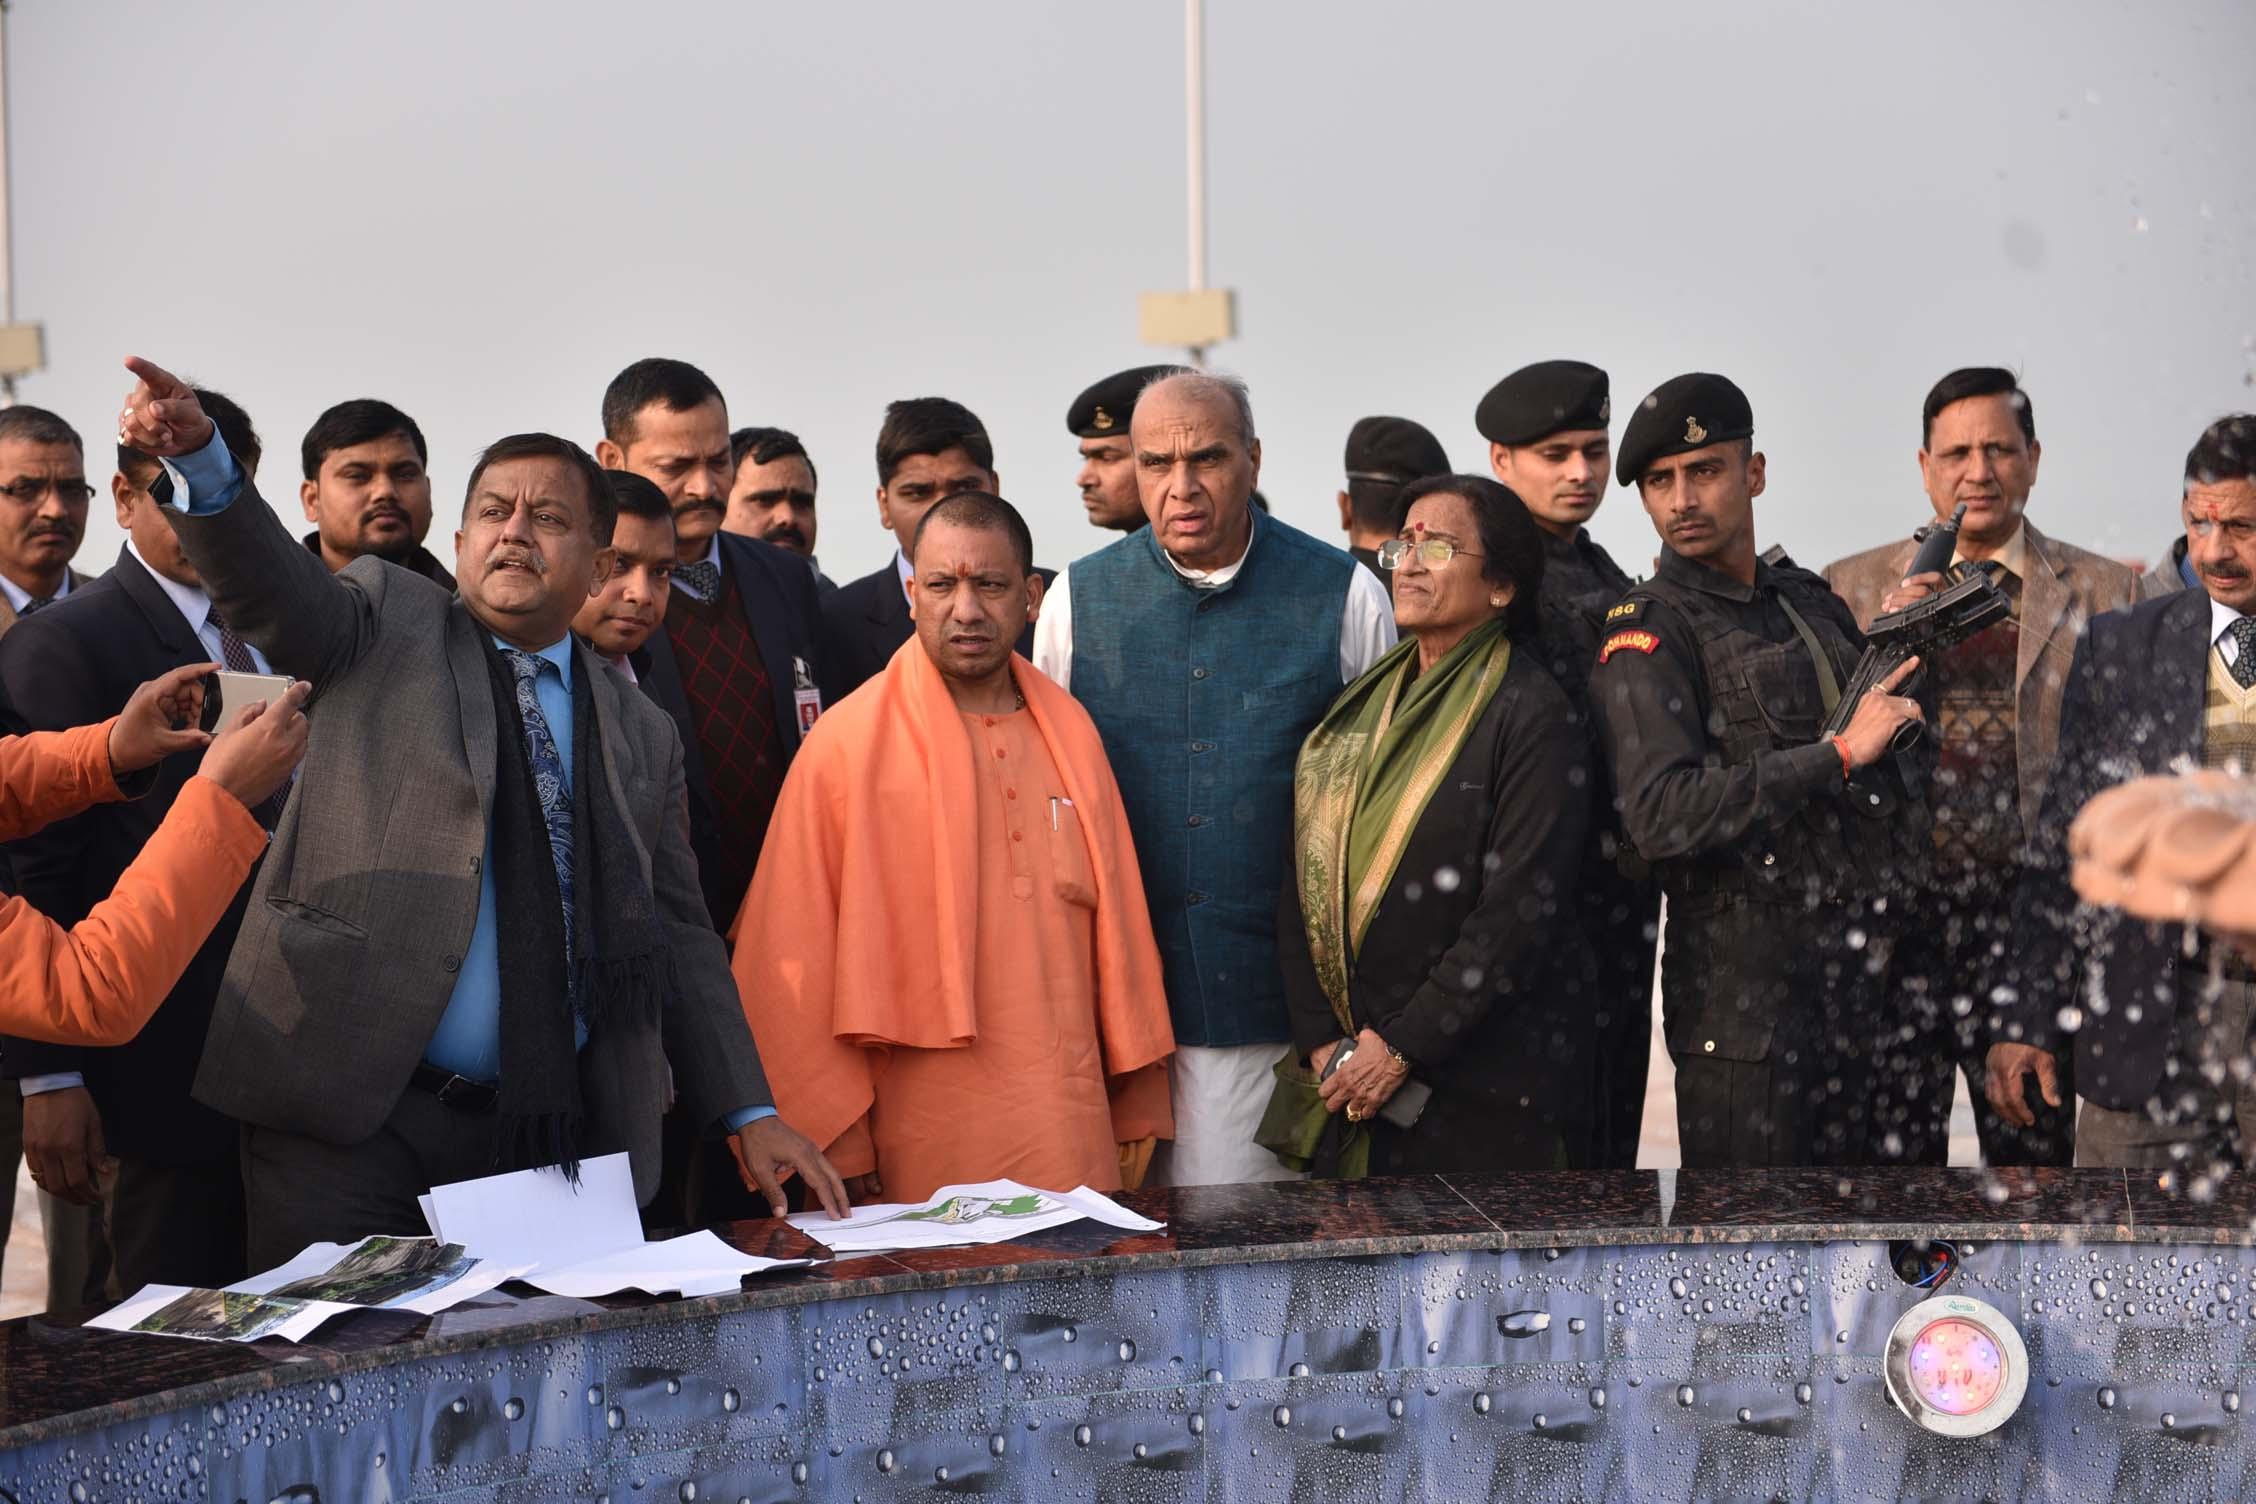 मुख्यमंत्री योगी आदित्यनाथ इस विदेशी मेहमान के साथ करेंगे ताजमहल का दीदार